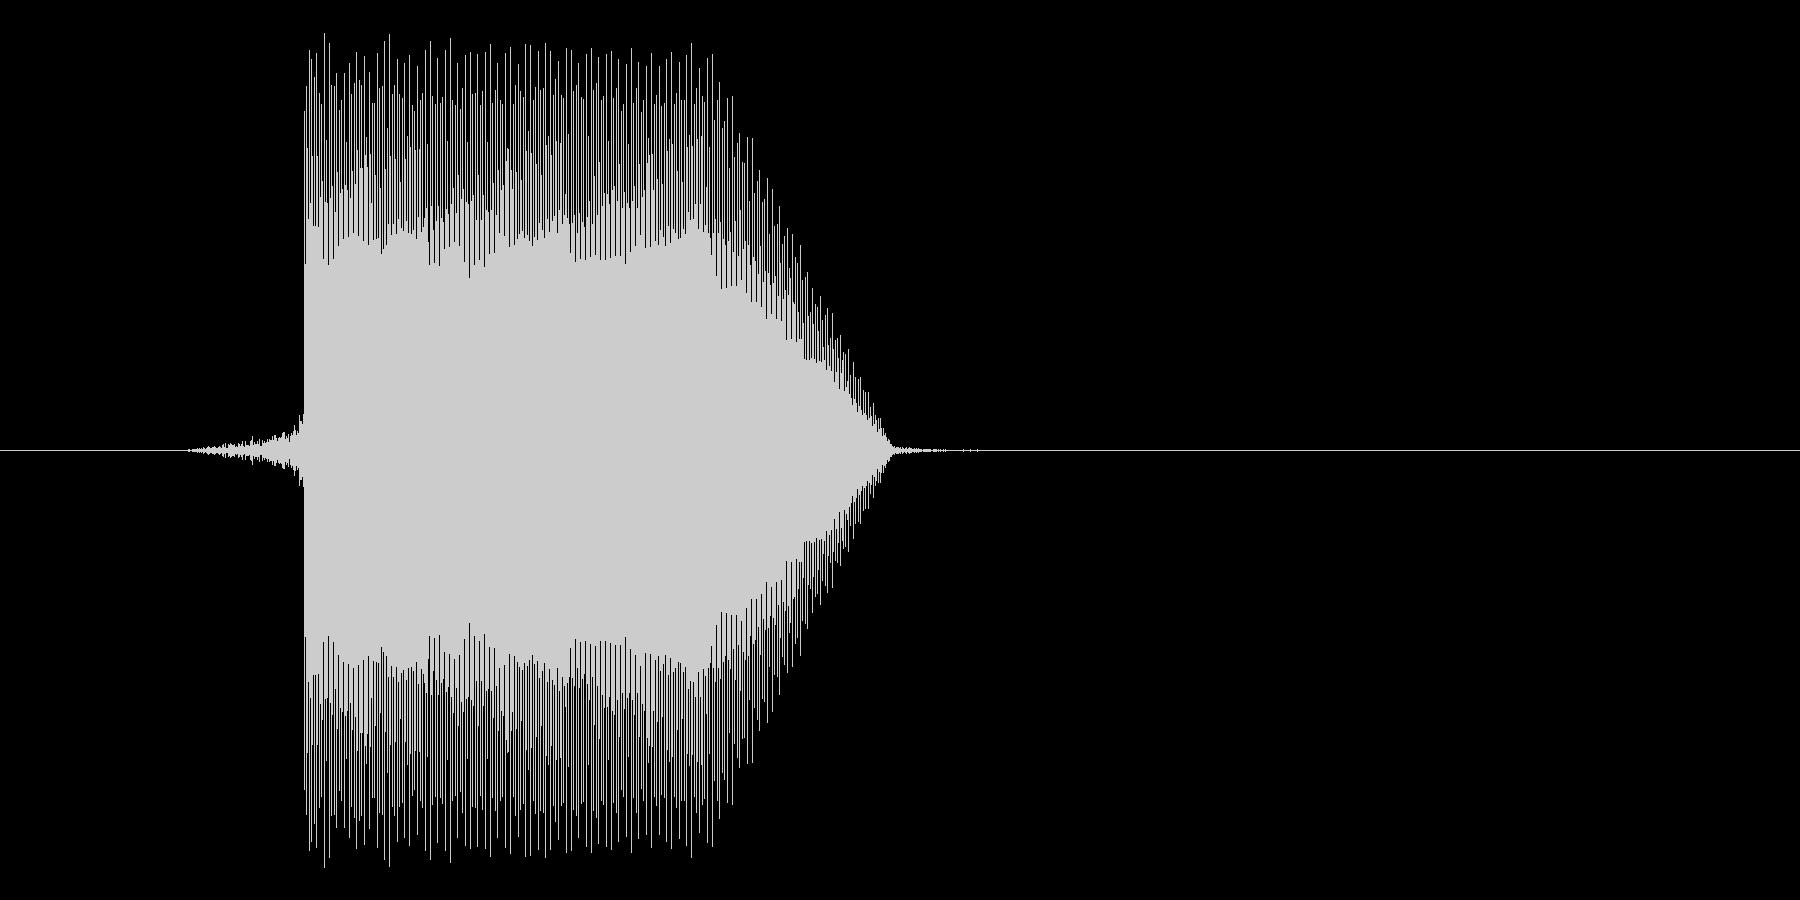 ゲーム(ファミコン風)セレクト音_015の未再生の波形